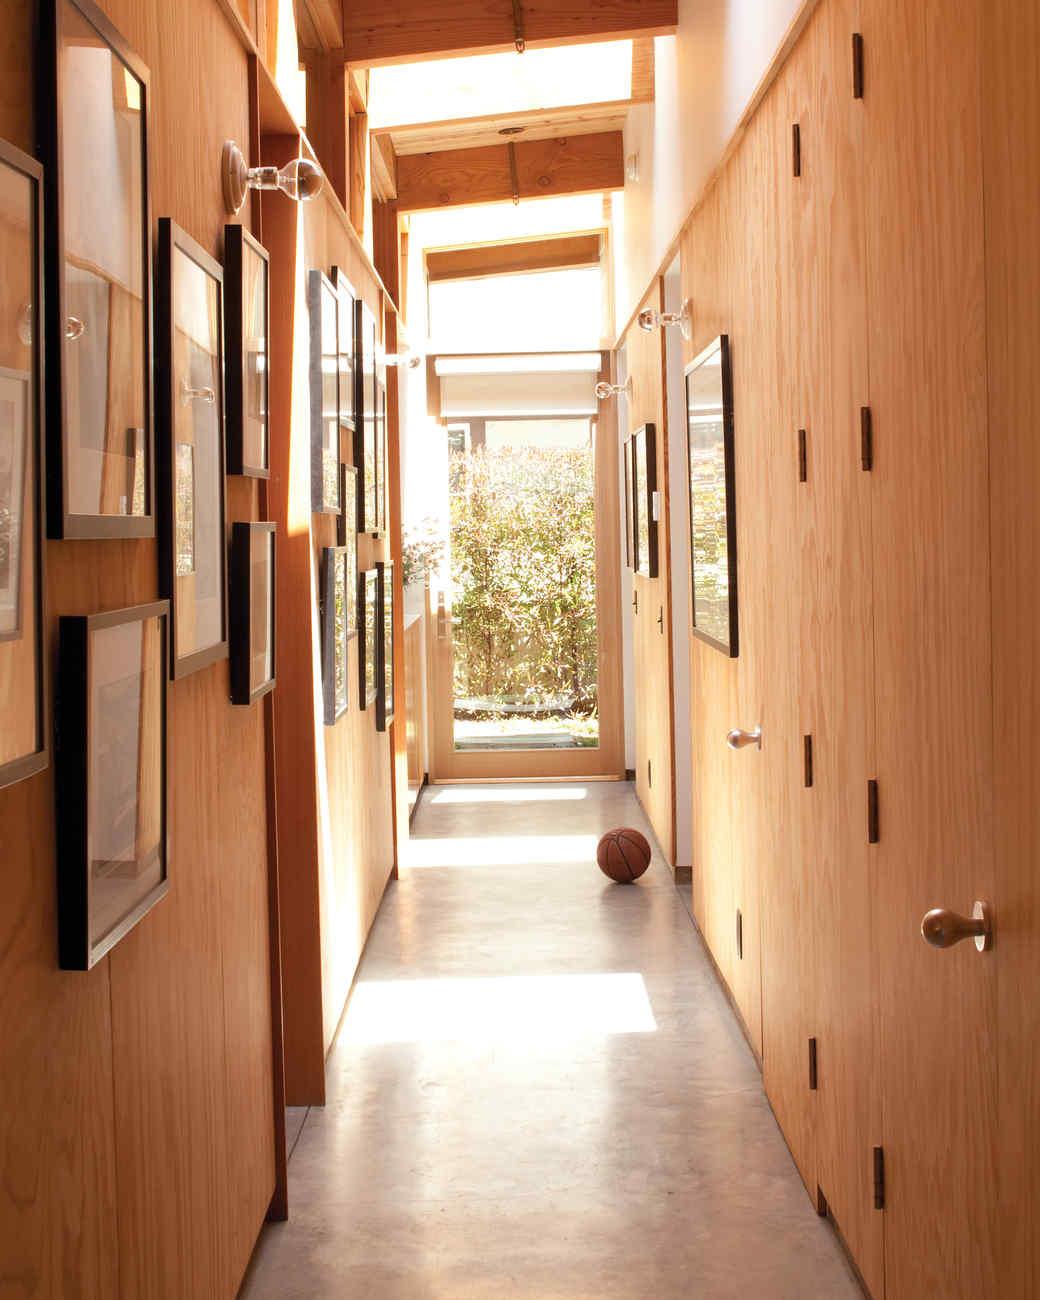 beach-house-hall-0811mld107442.jpg